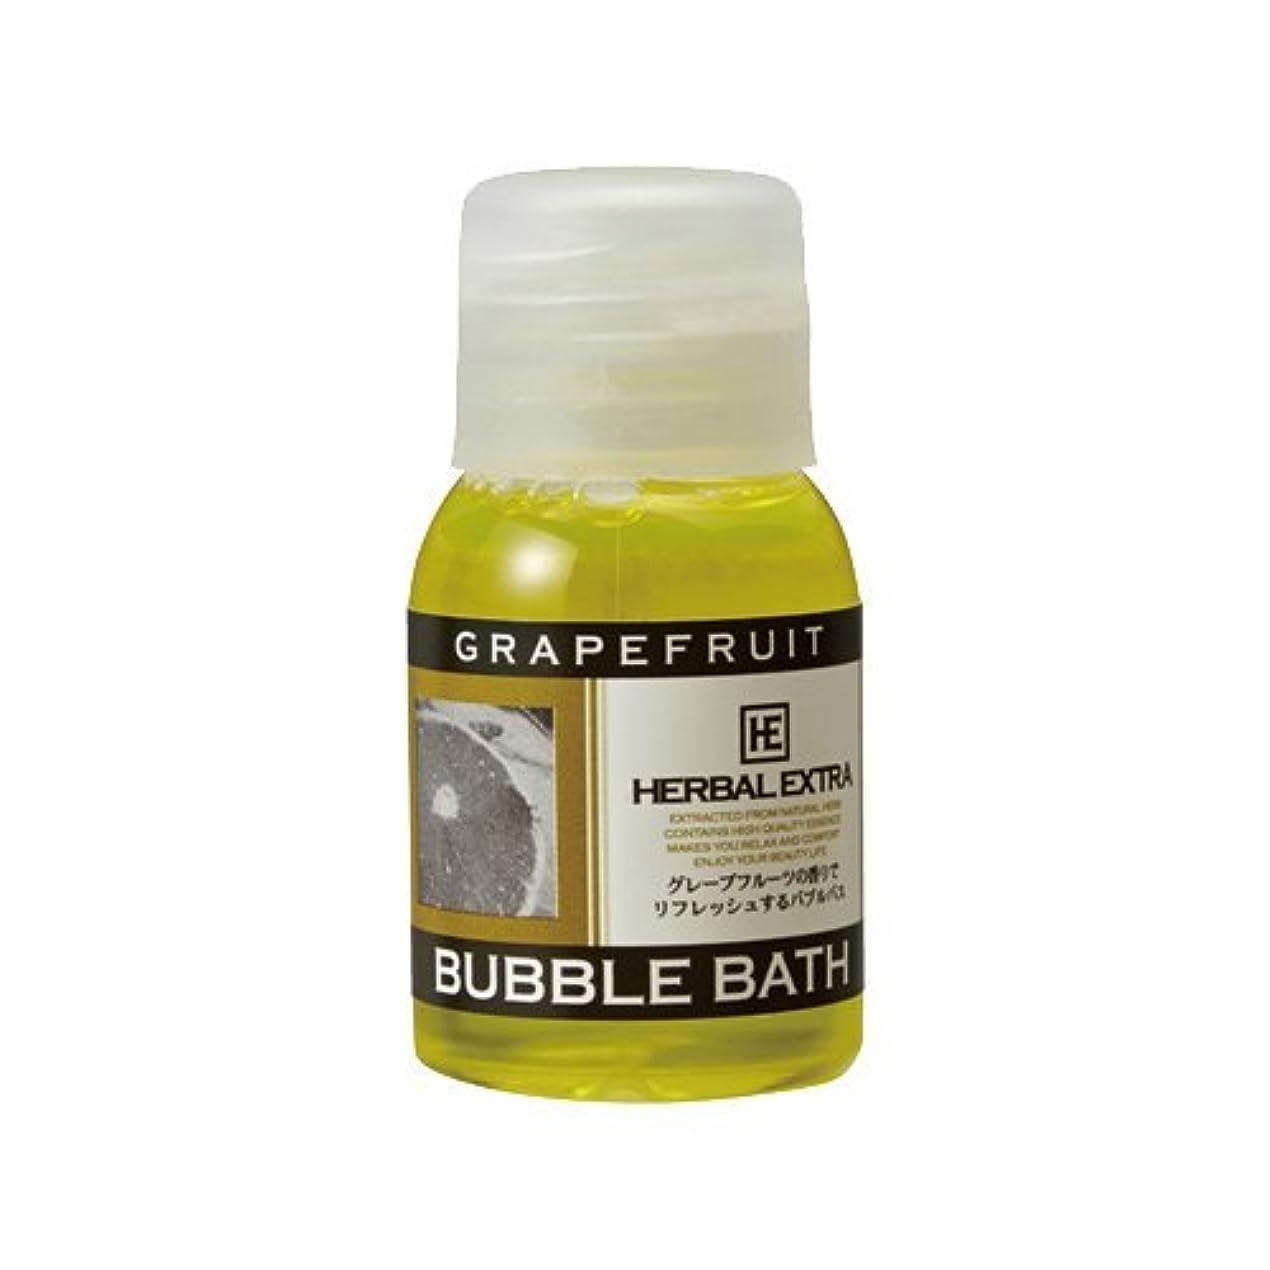 センチメンタル宇宙の個人ハーバルエクストラ バブルバス ミニボトル グレープフルーツの香り × 5個セット - ホテルアメニティ 業務用 発泡入浴剤 (BUBBLE BATH)